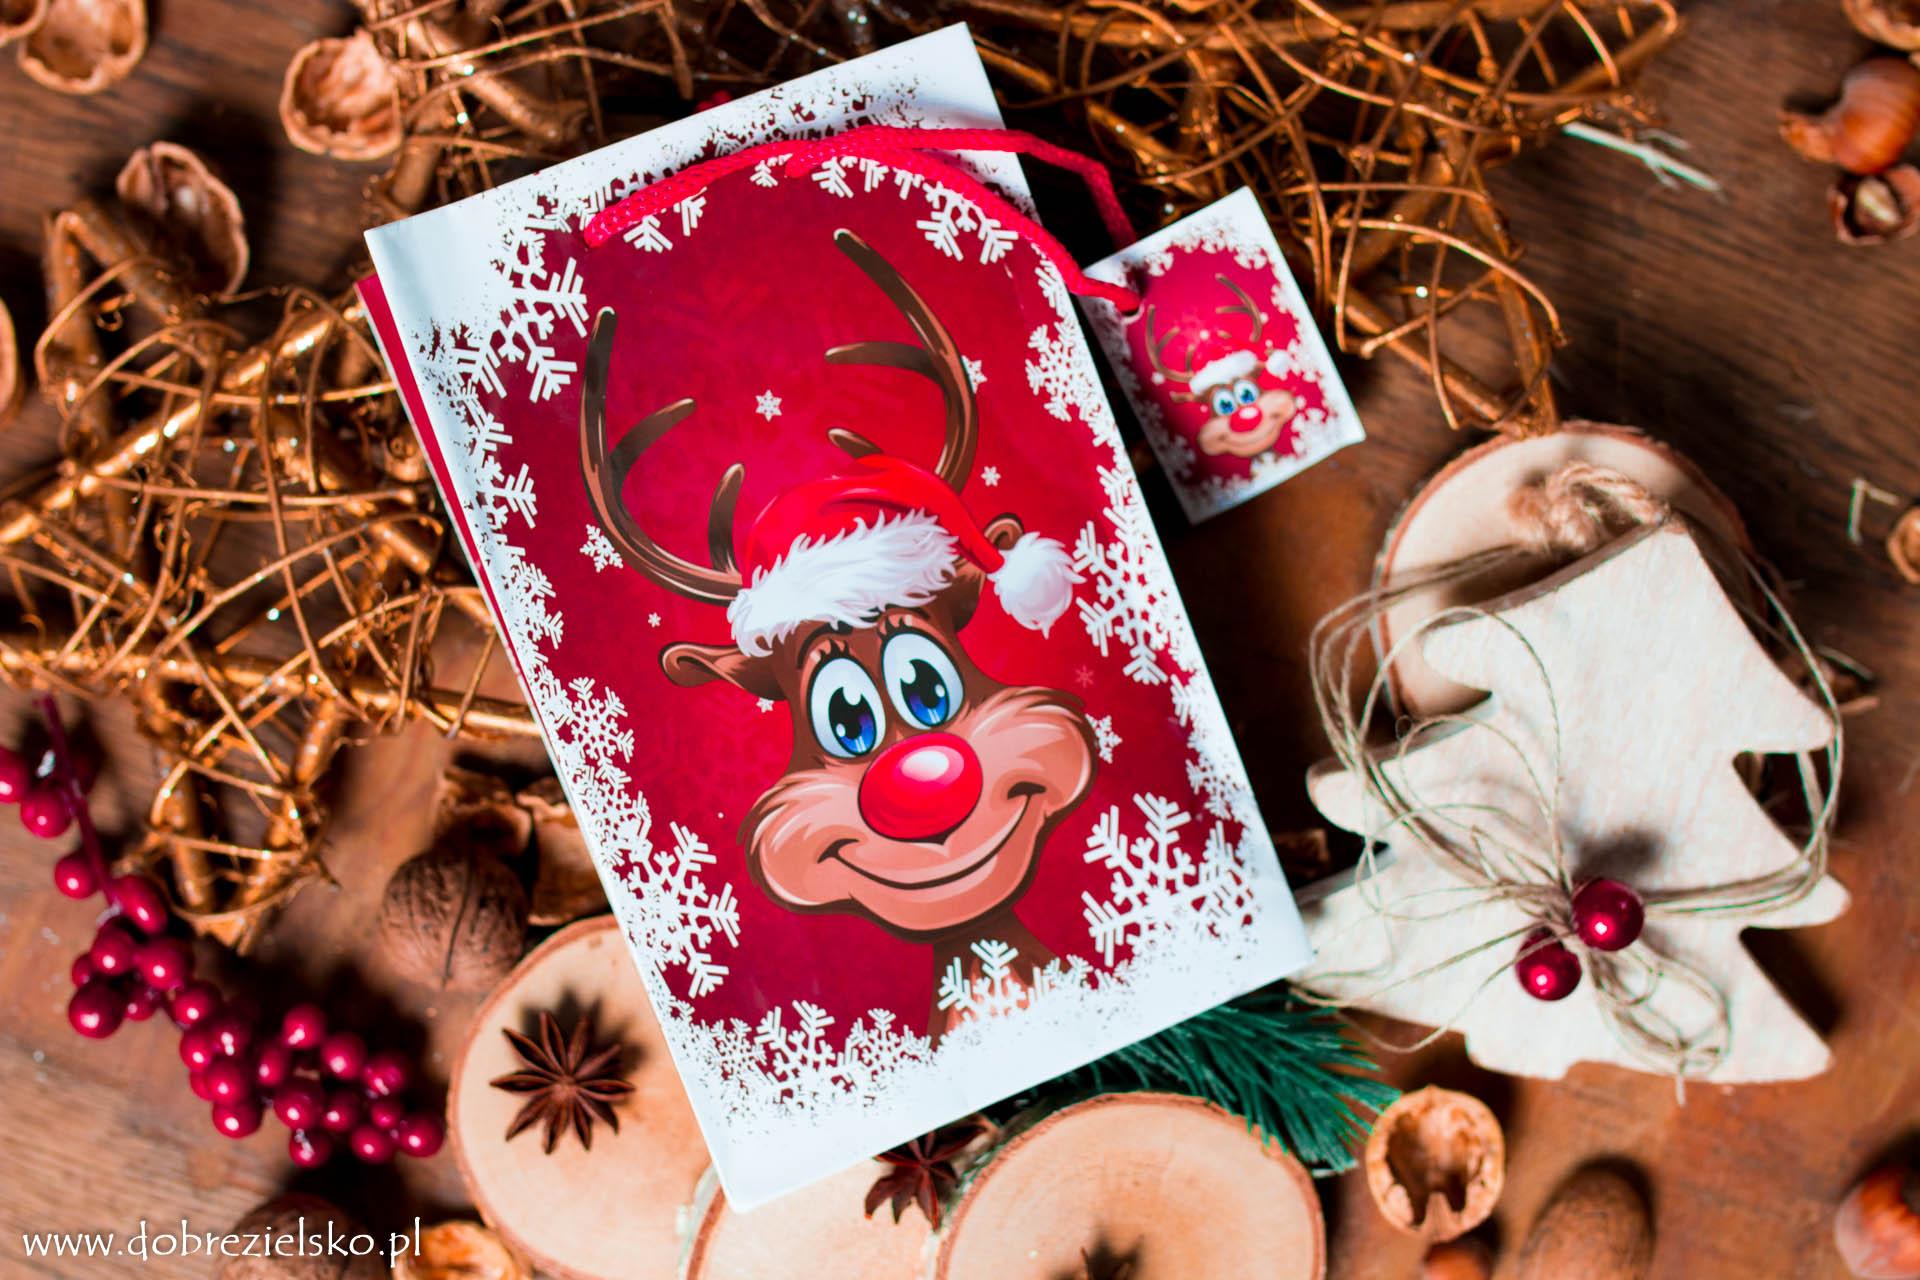 świąteczne pomysły na prezenty dla wegan i ekomaniaków